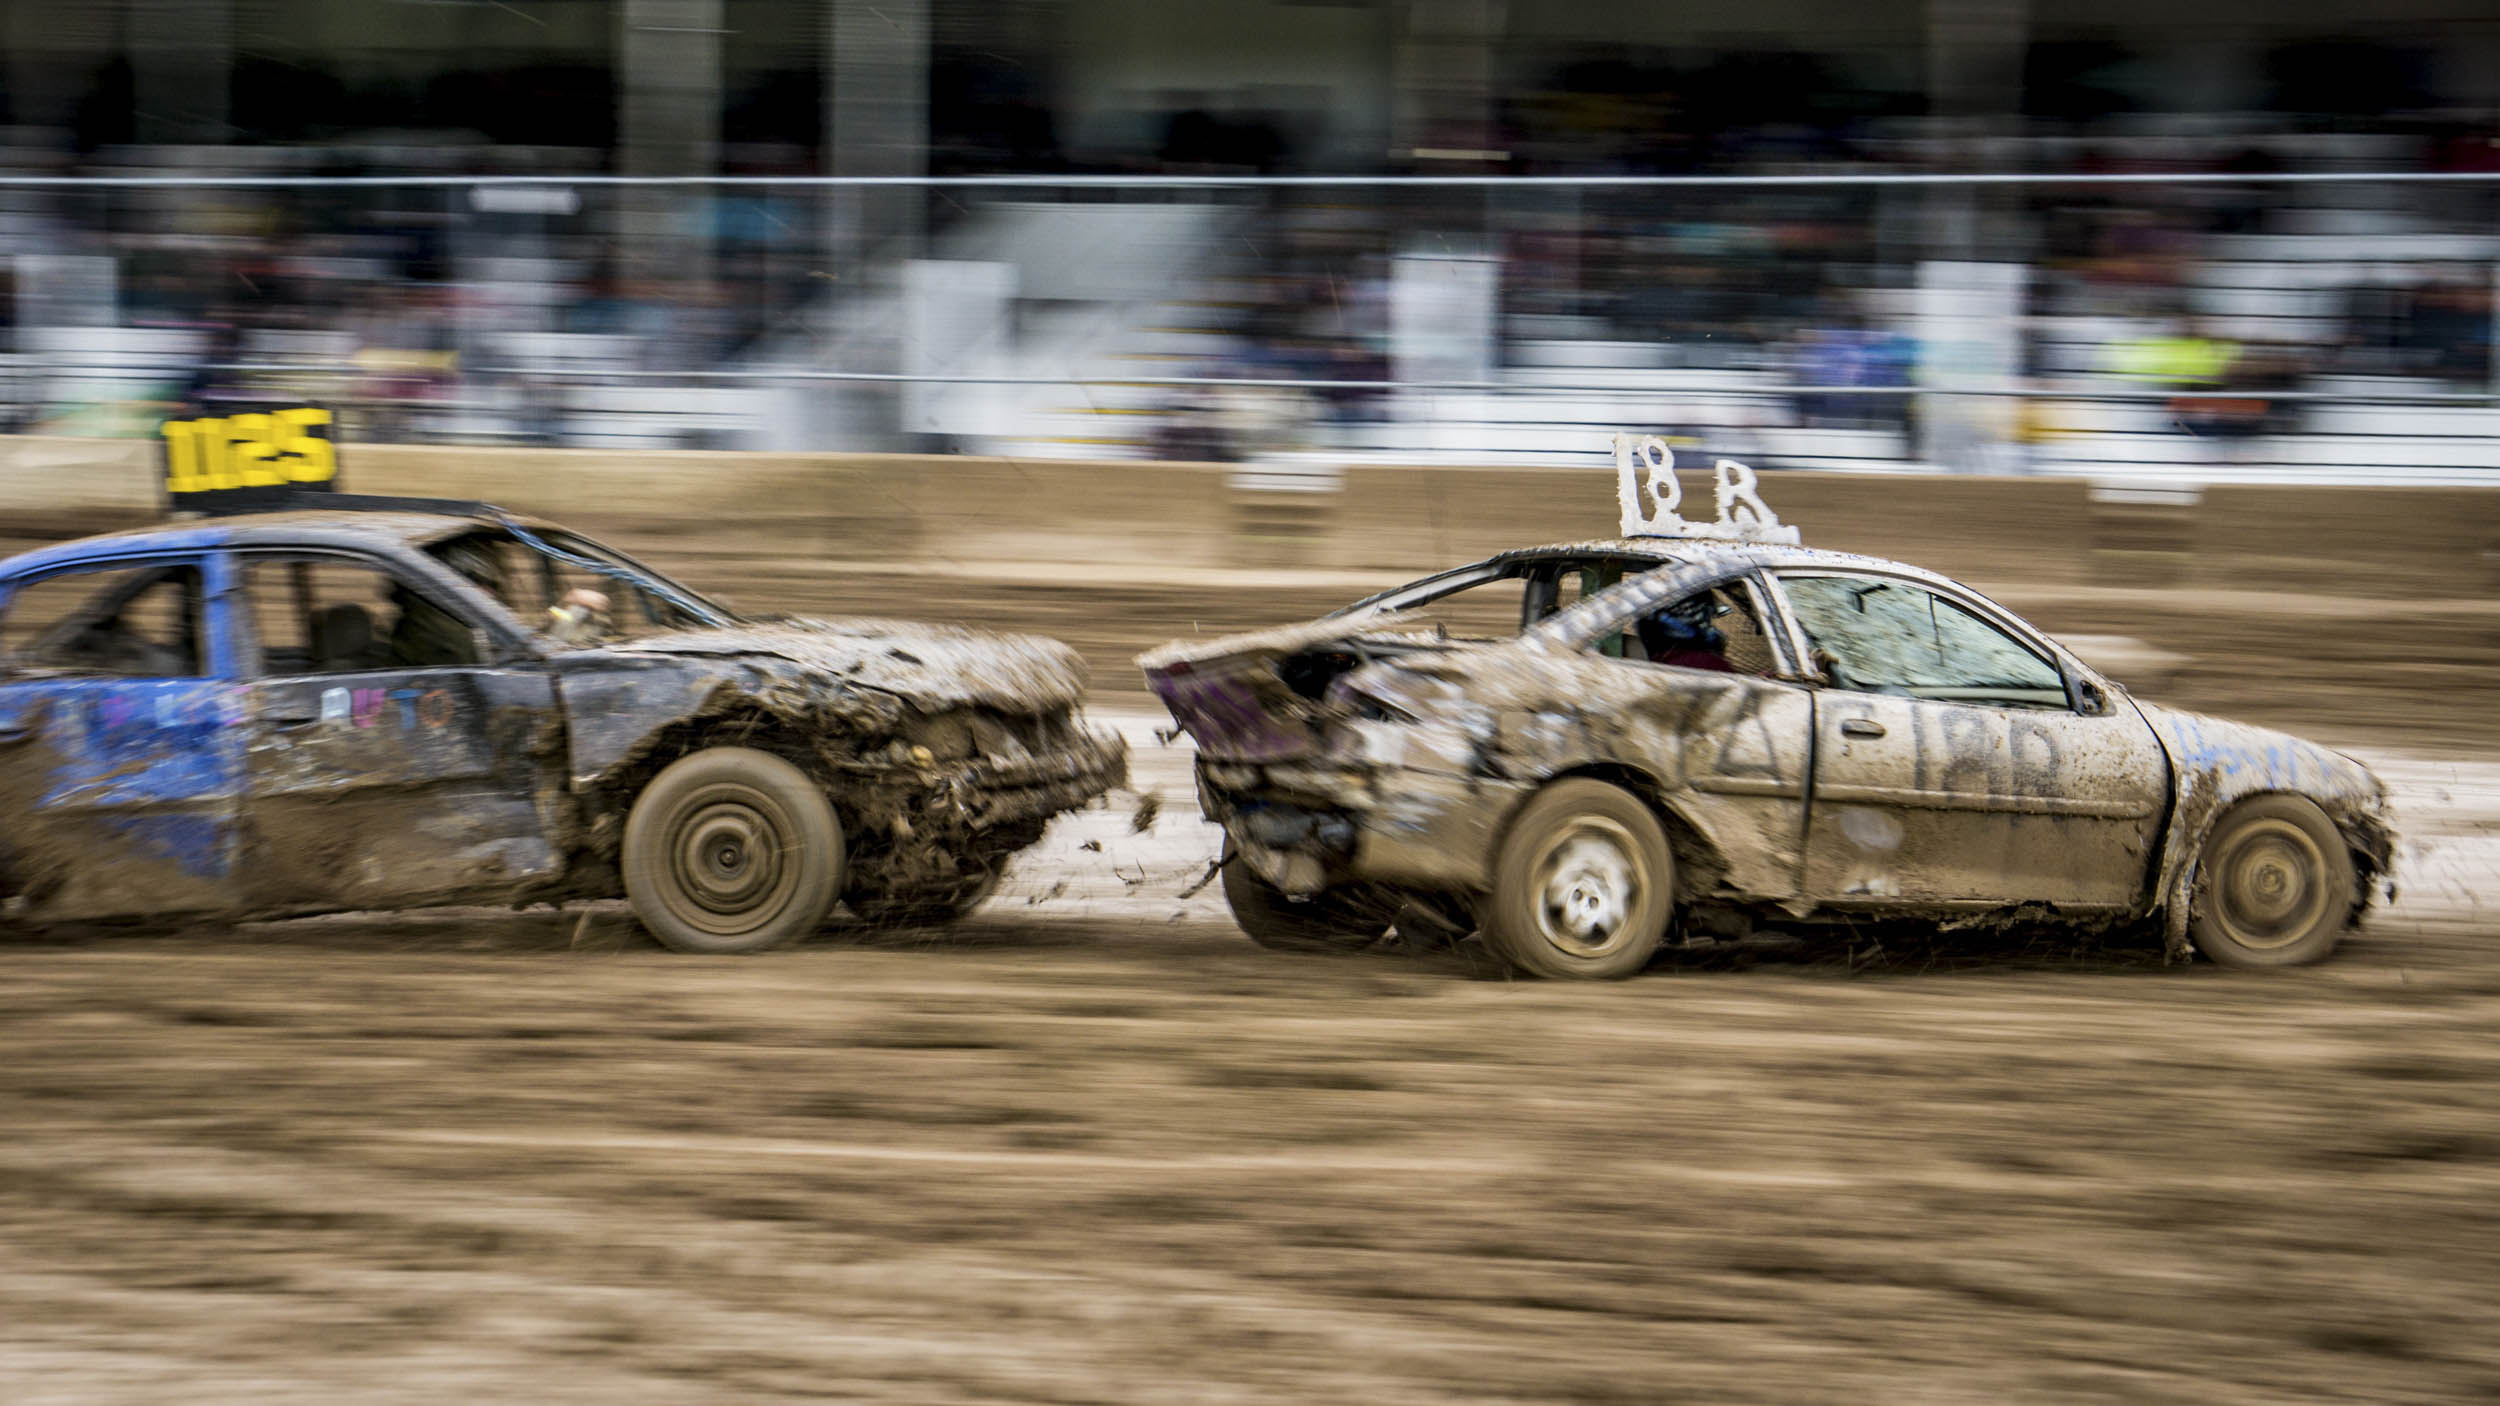 demolition derby dirt track